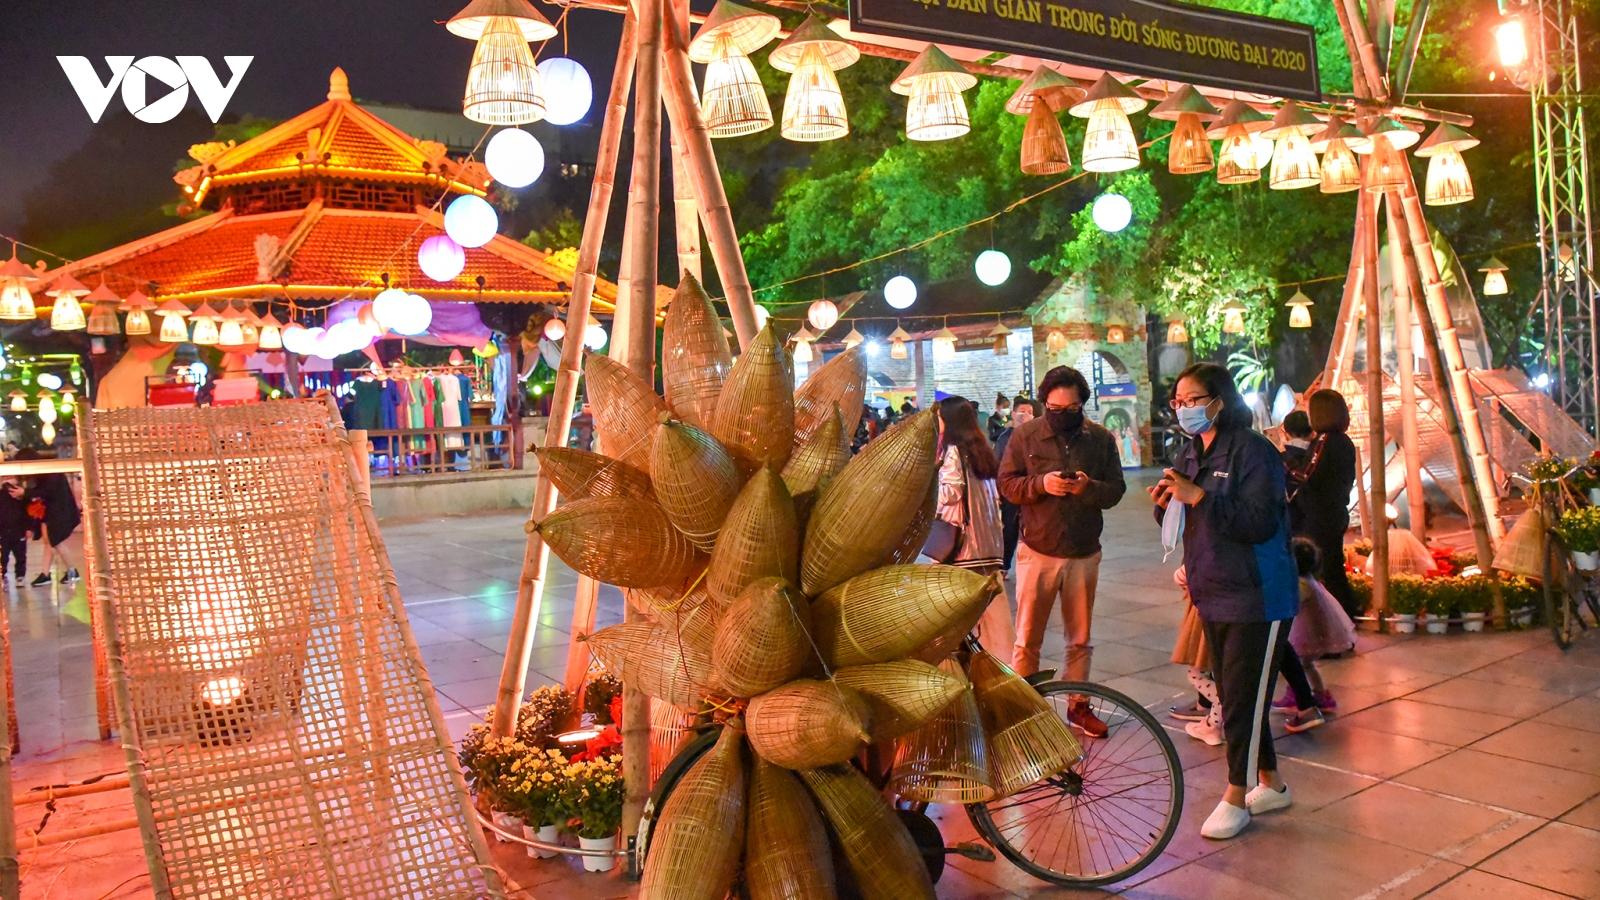 Khám phá văn hóa dân gian trong đời sống đương đại tại Hà Nội